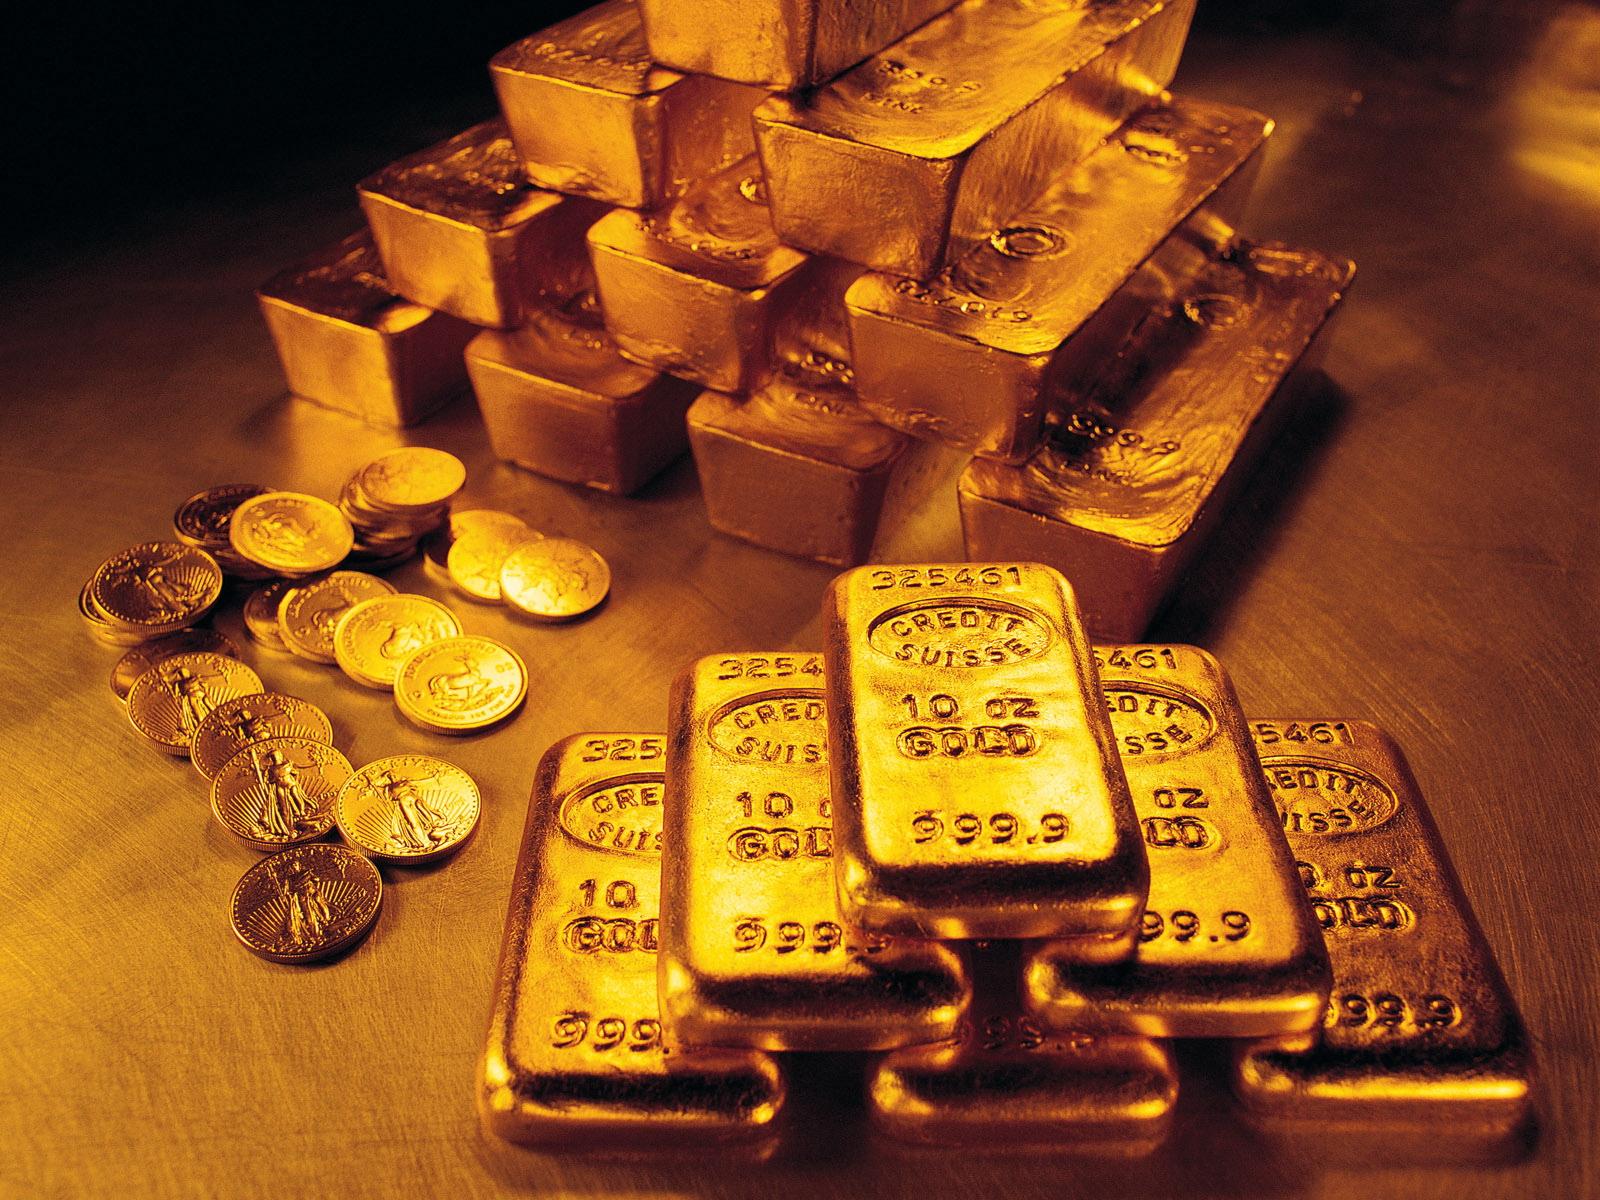 إحتياطي الجزائر من الذهب يقدر بحوالي 176 طن